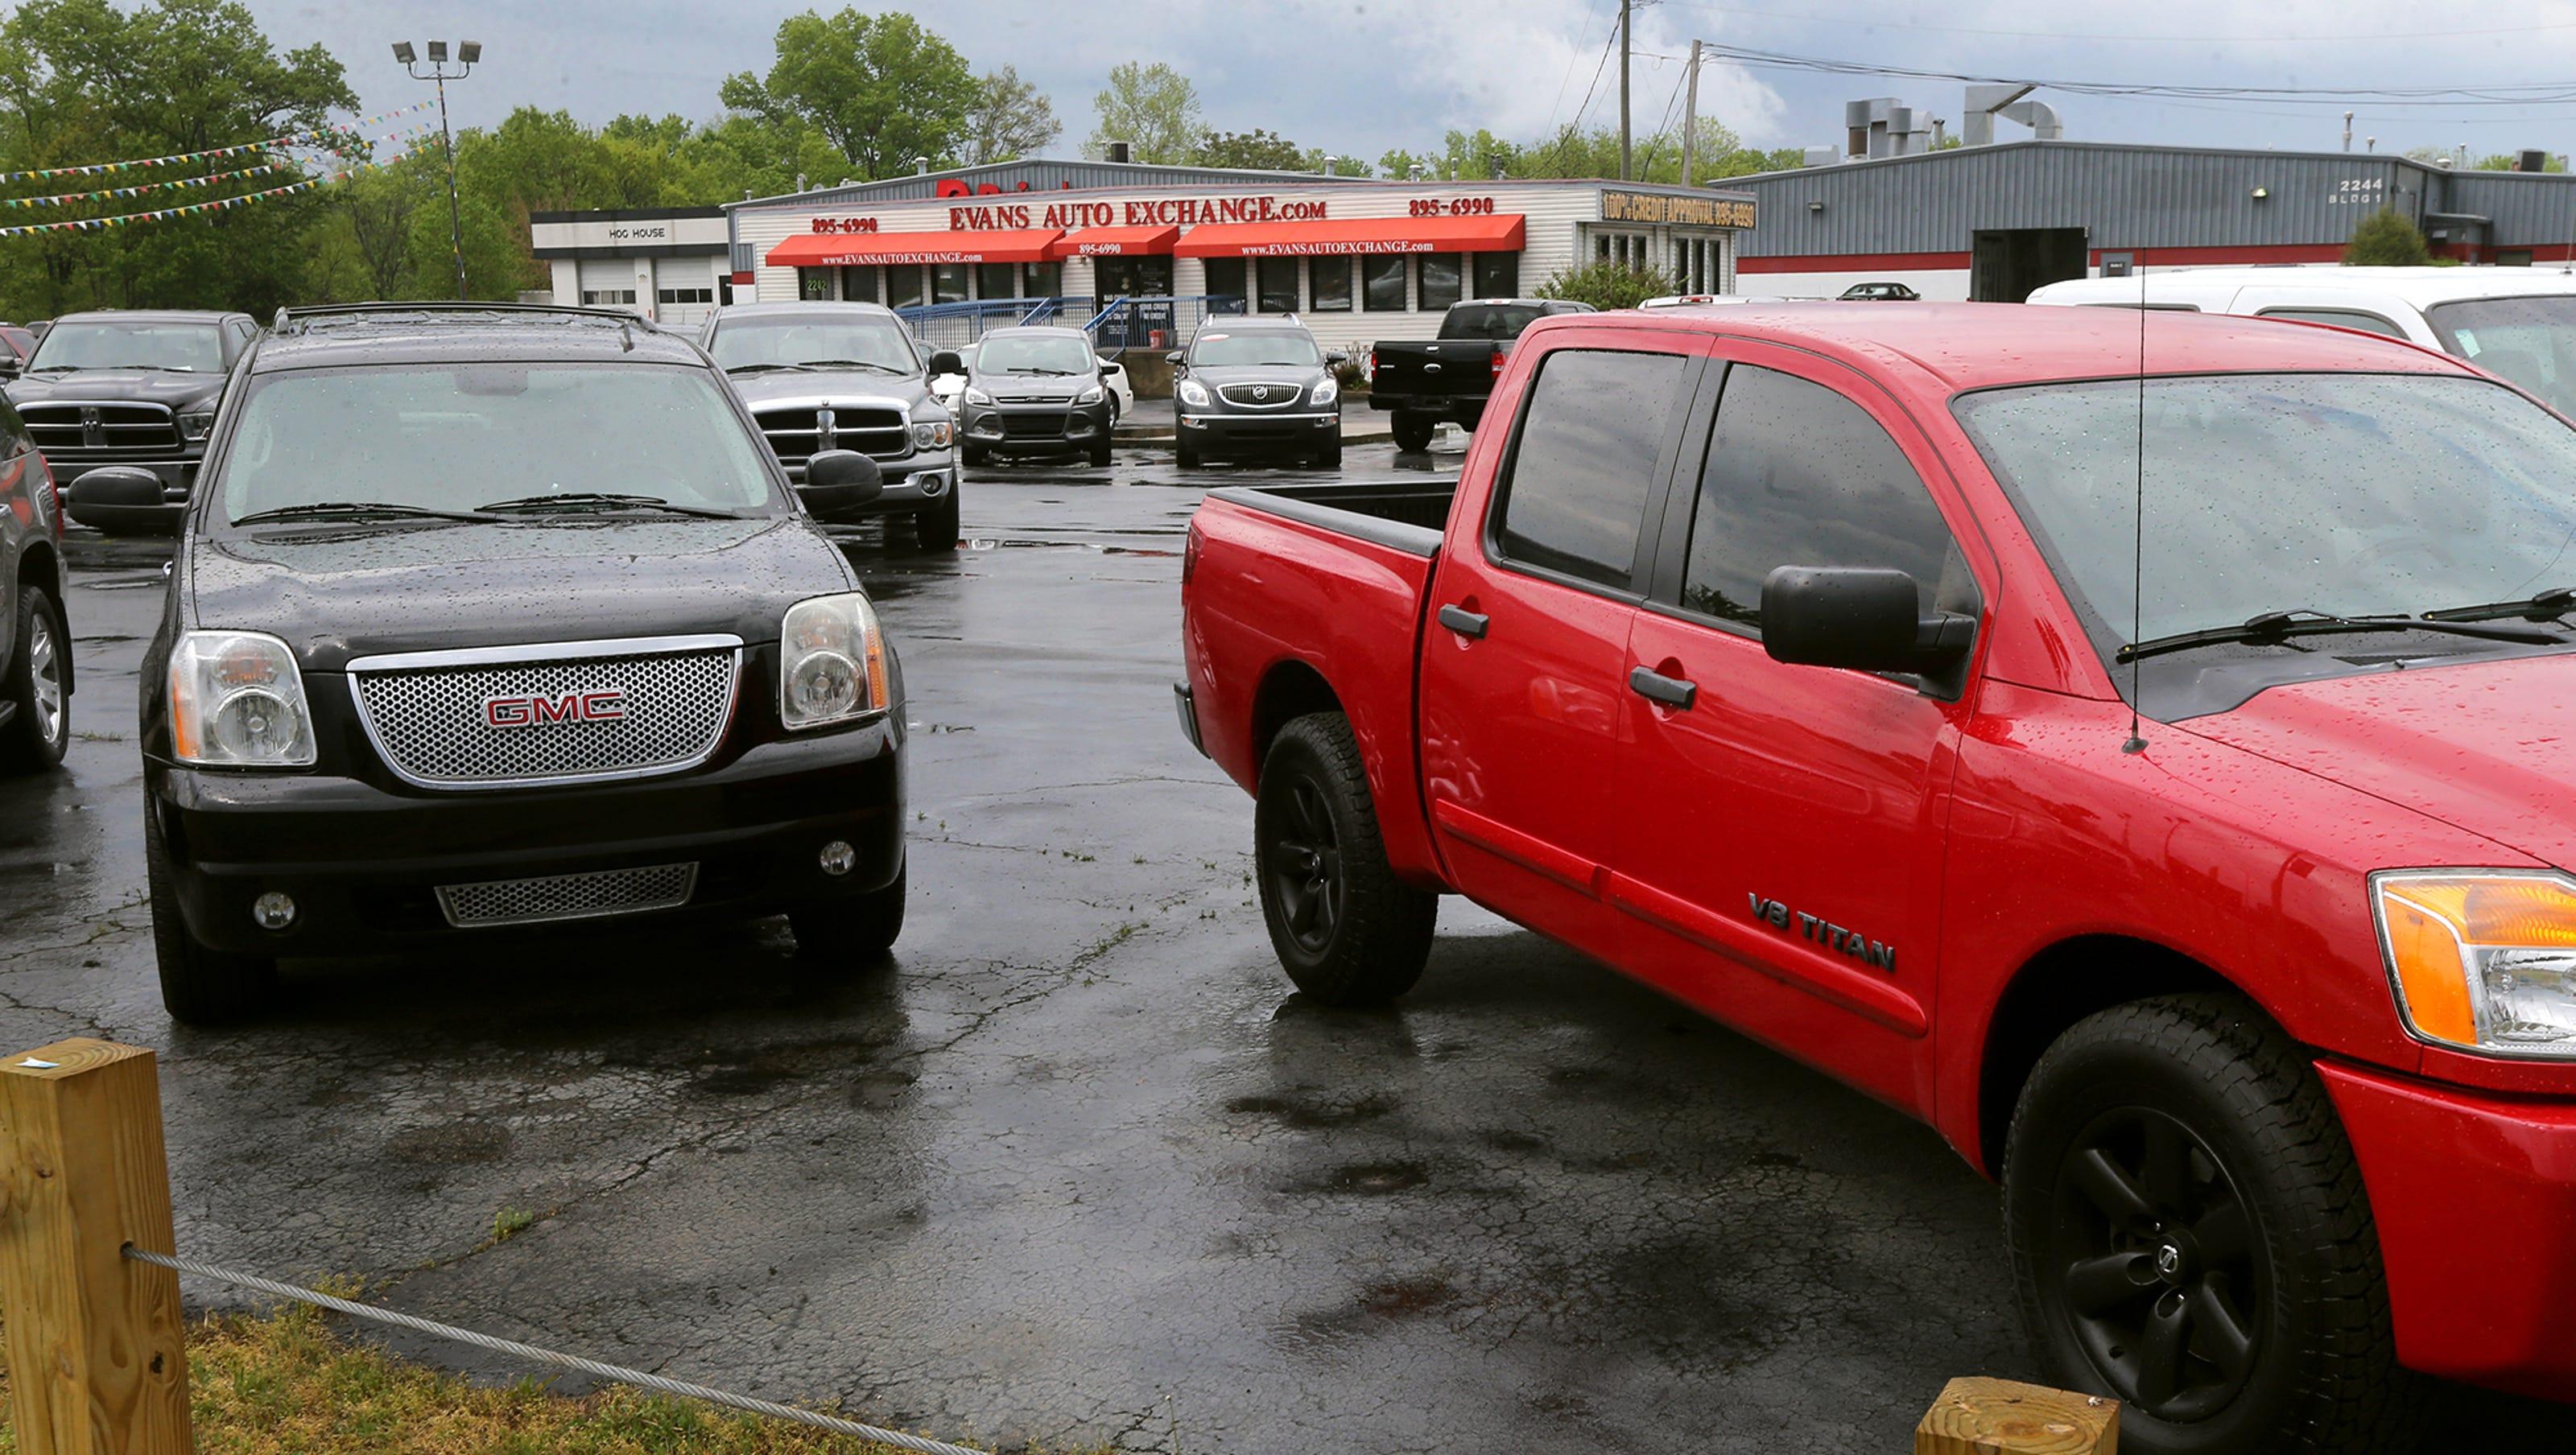 Evans Auto Exchange >> Murfreesboro Car Dealers Face Moratorium